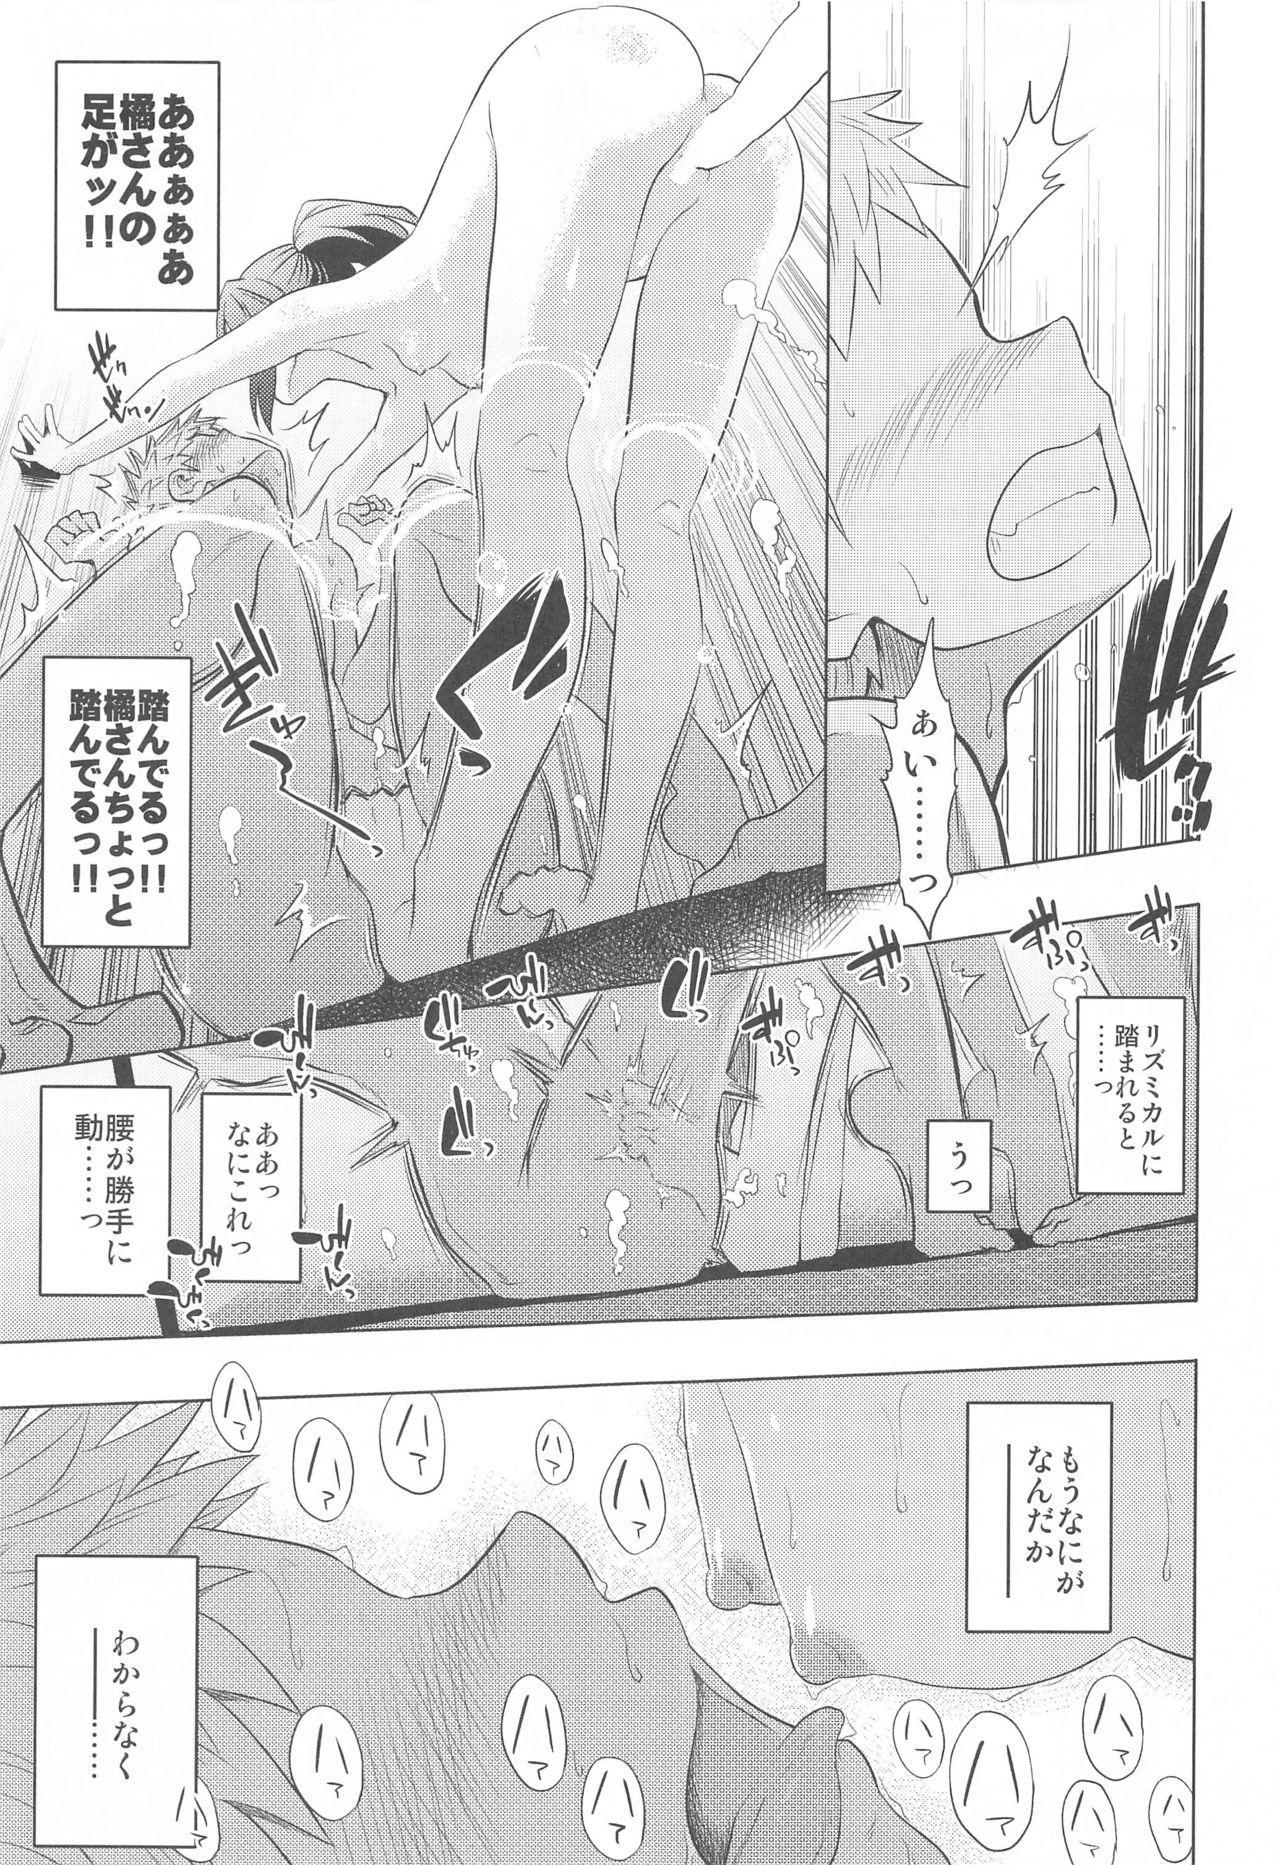 Arisu to Ofuro 21